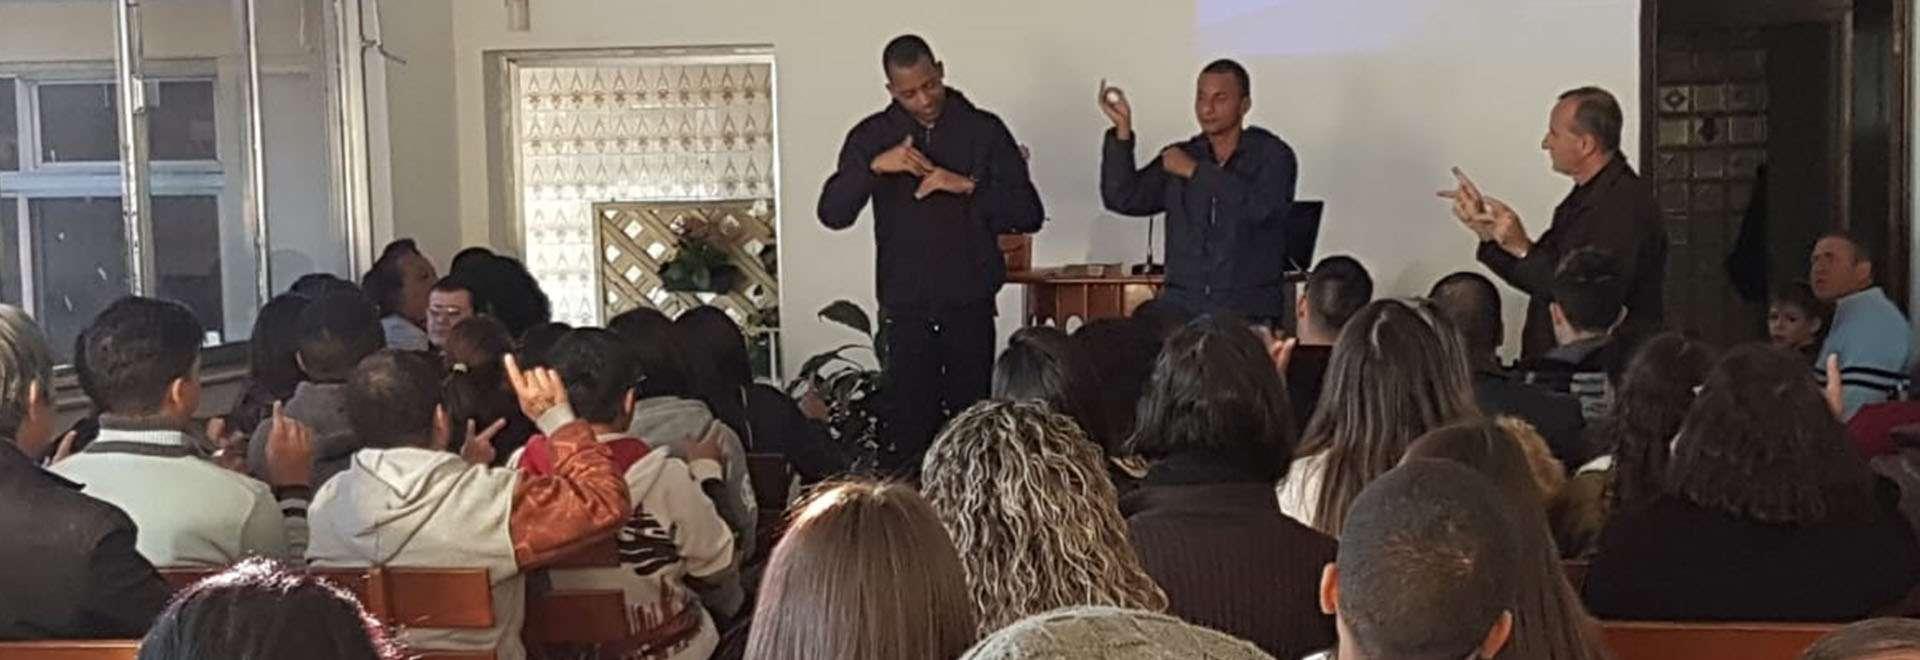 Seminário voltado para surdos, surdocegos e intérpretes em Itaquera, SP